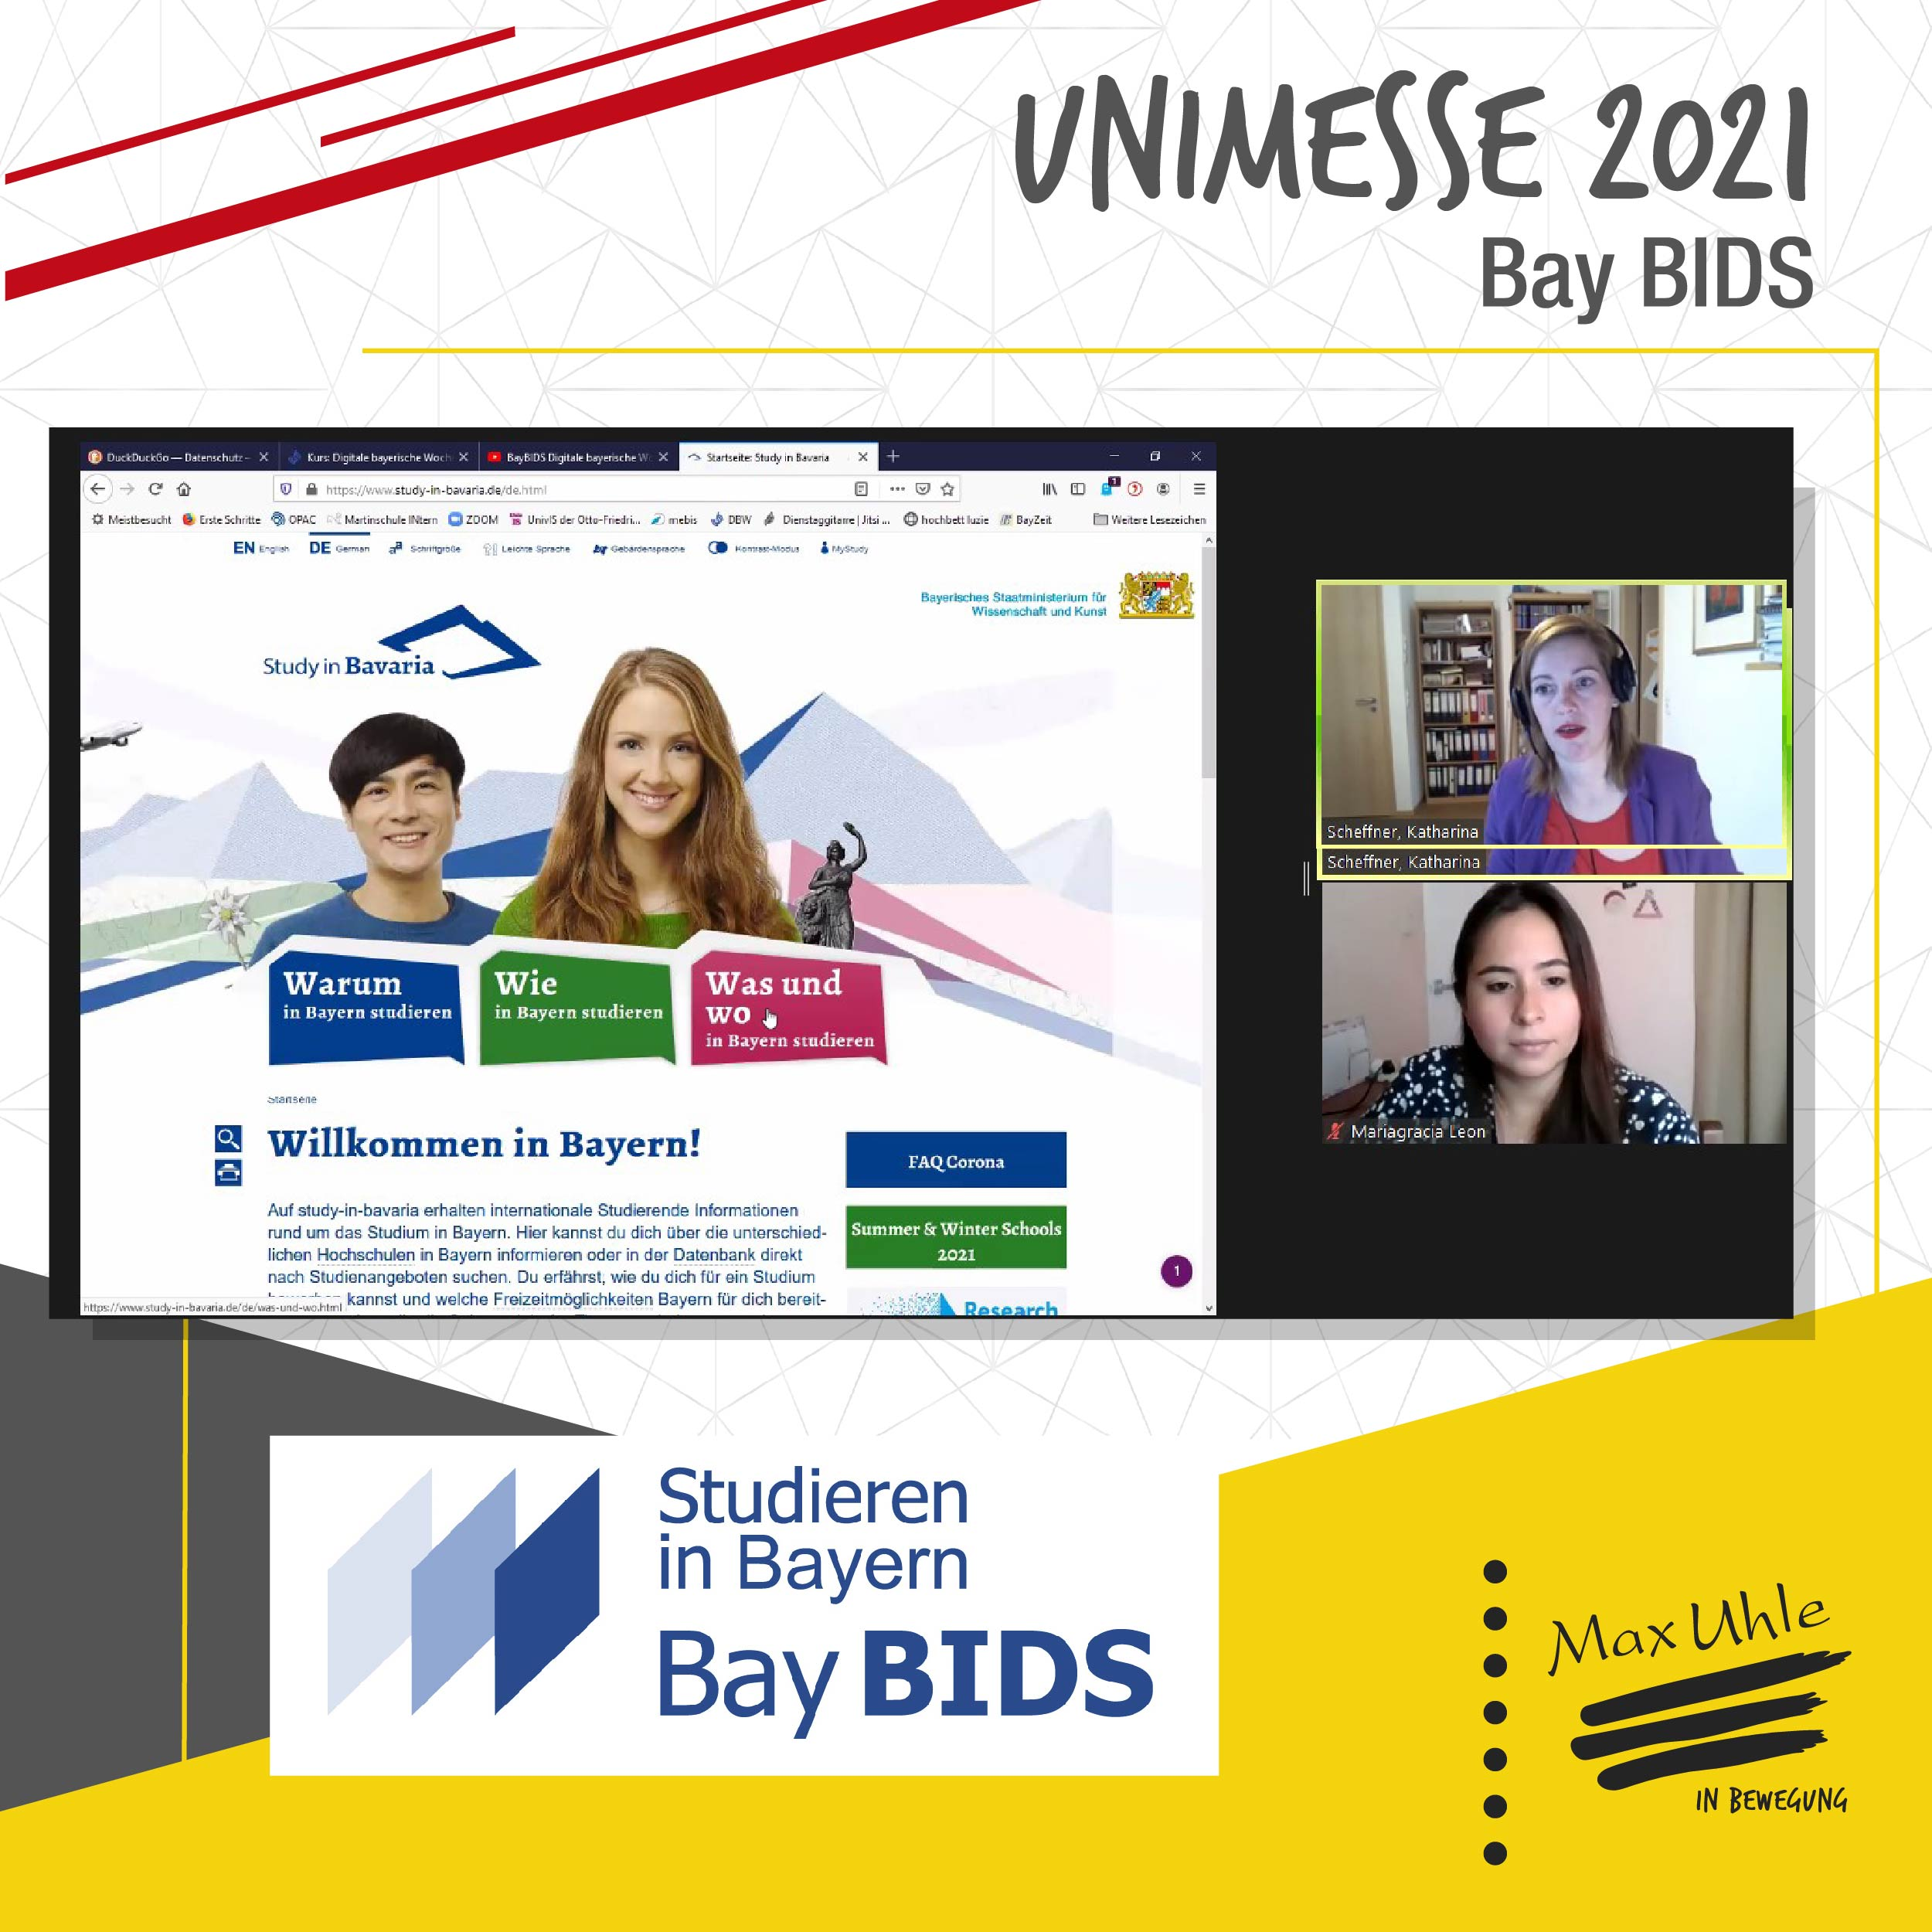 Bay Bids - Unimesse 2021 Colegio Max Uhle